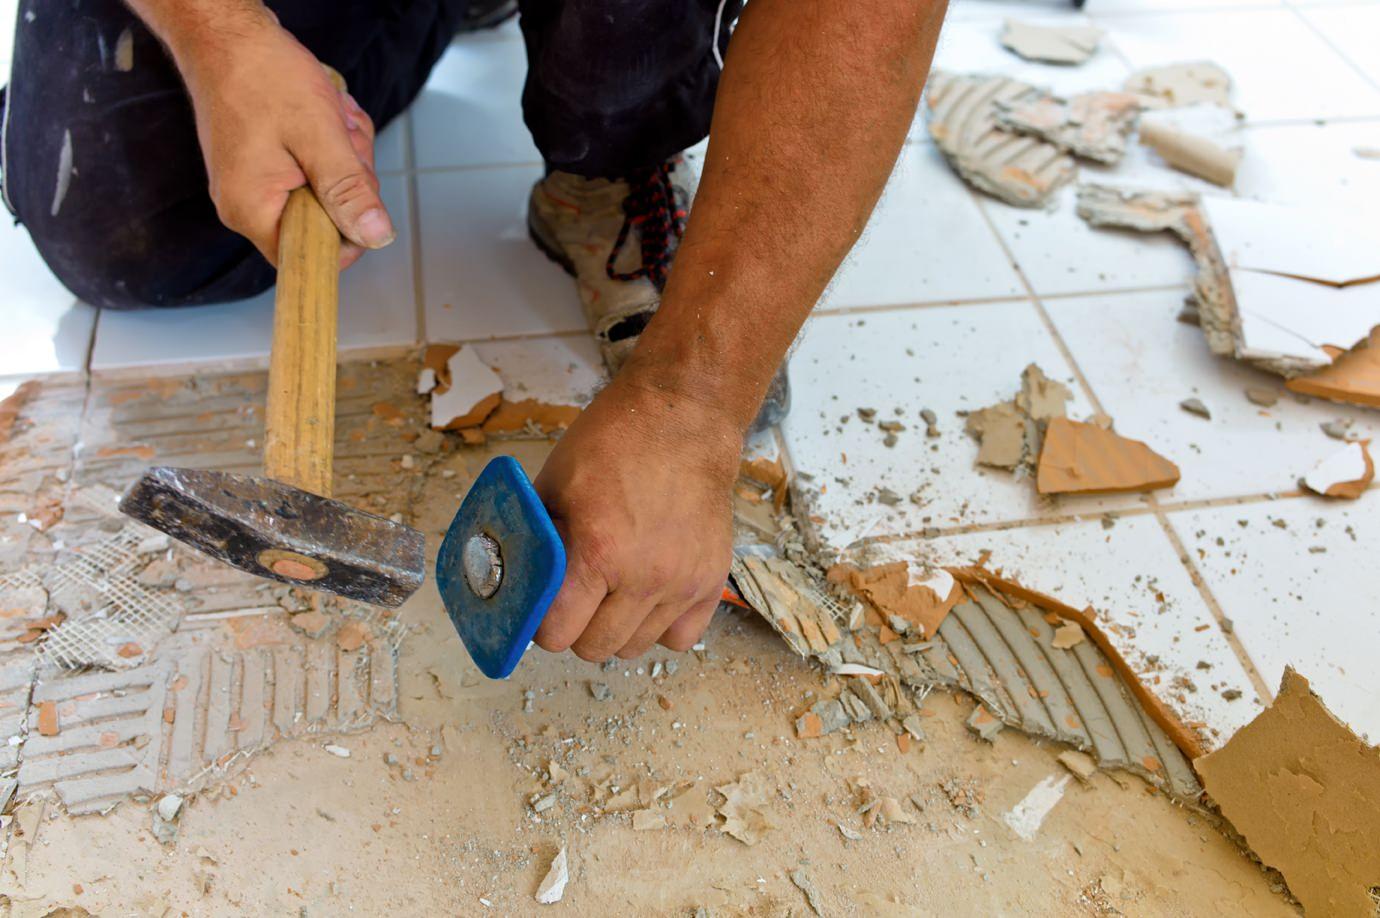 Posizione del proprietario rispetto all'abuso edilizio commesso dall'inquilino